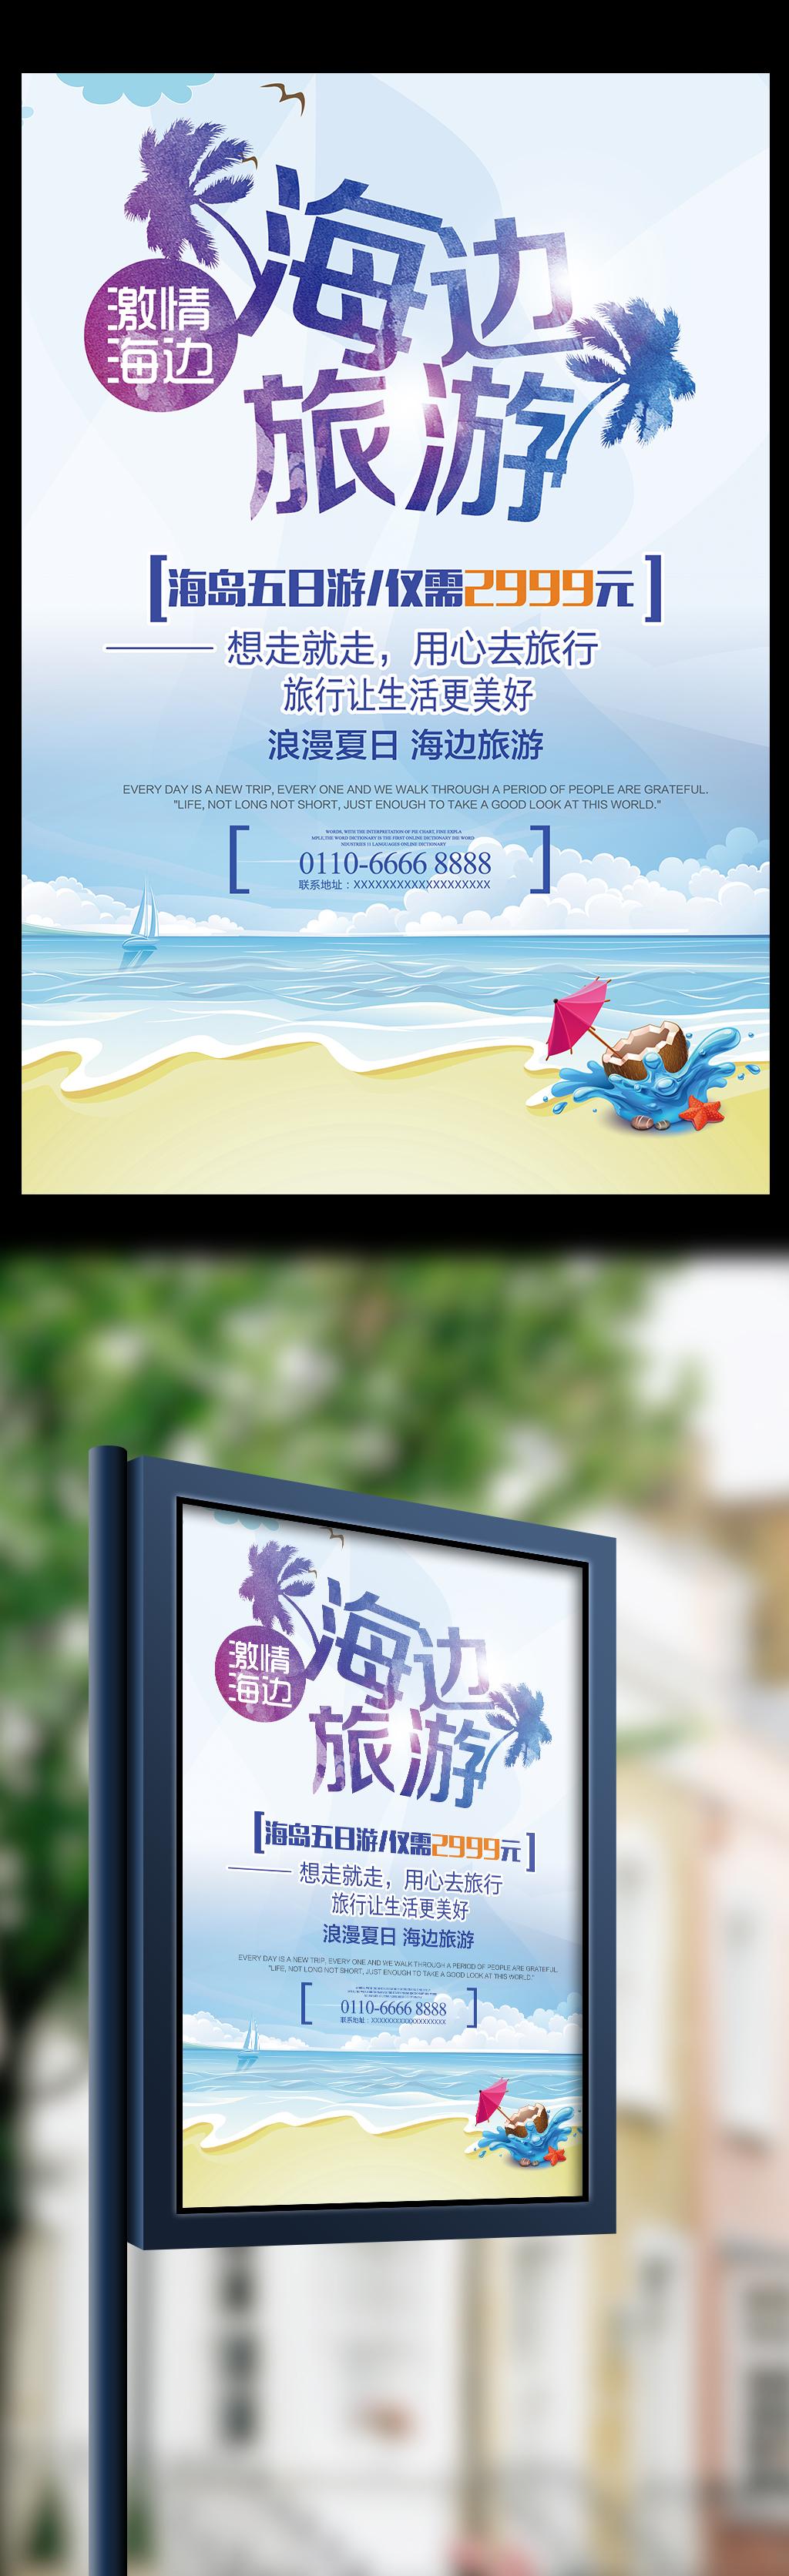 海岛旅游大气宣传旅游海报图片素材_海岛旅游大气宣传